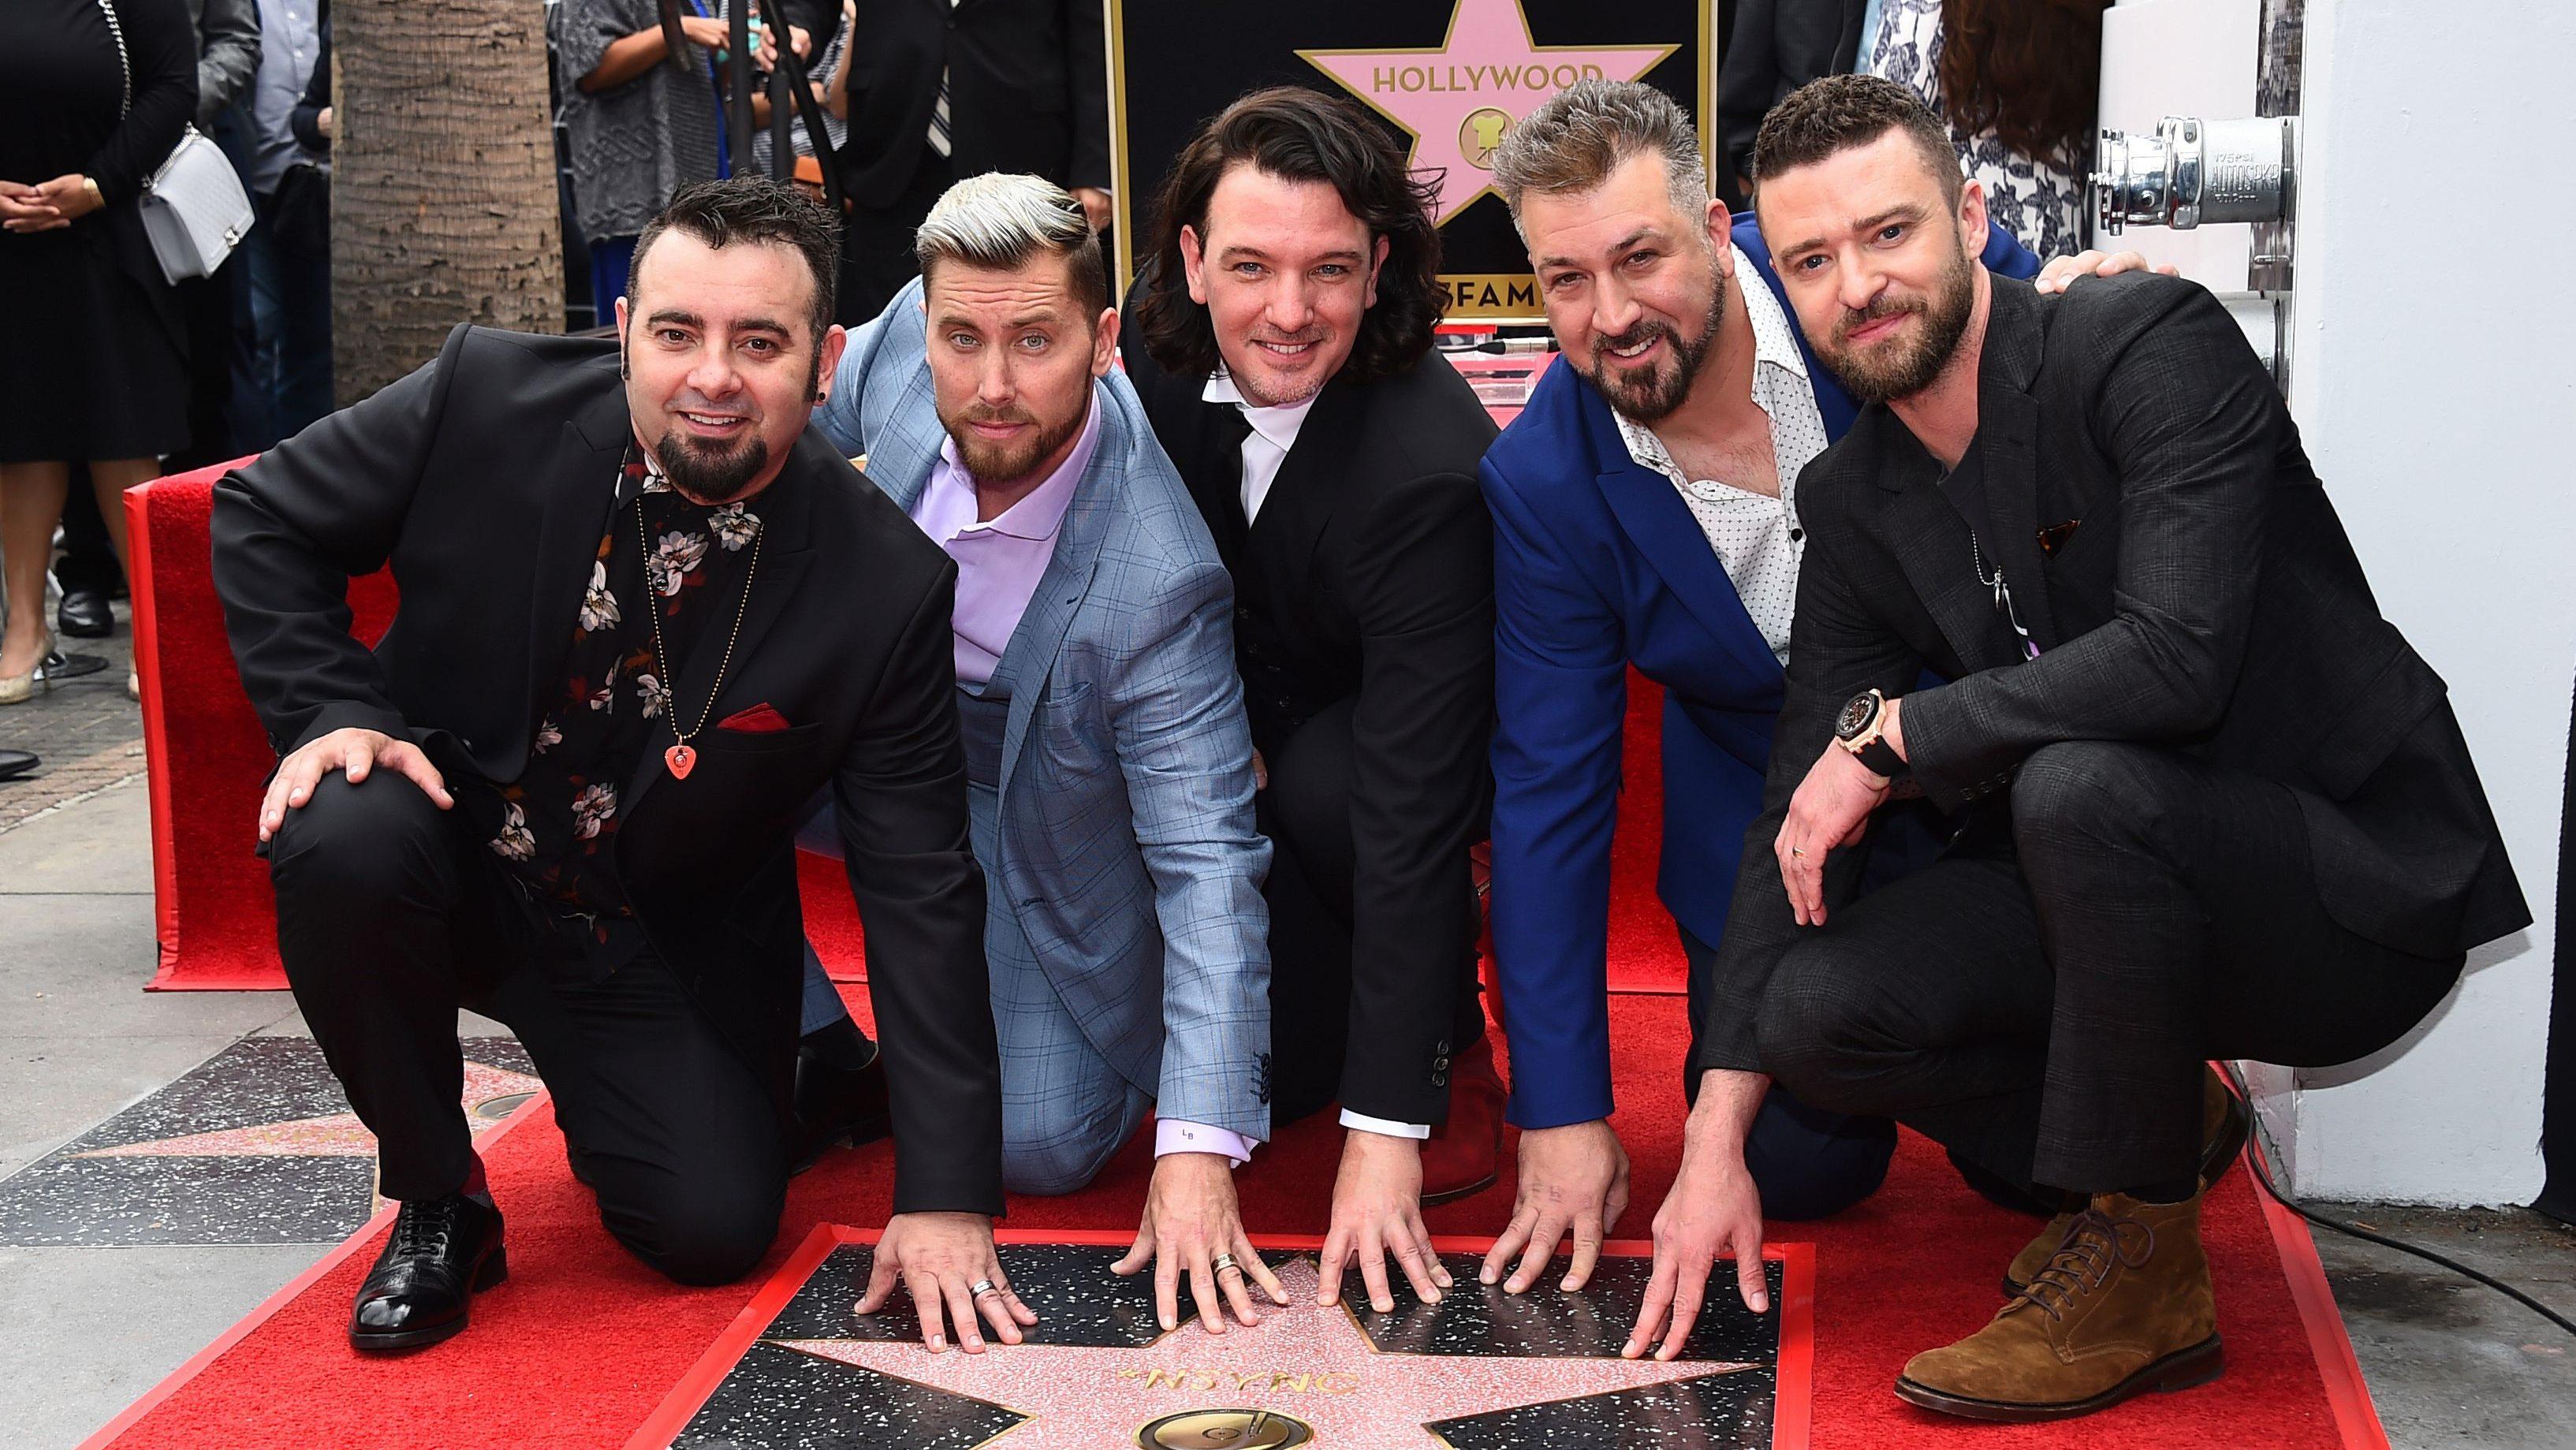 Chris Kirkpatrick, Lance Bass, JC Chasez, Joey Fatone, Justin Timberlake NSYNC